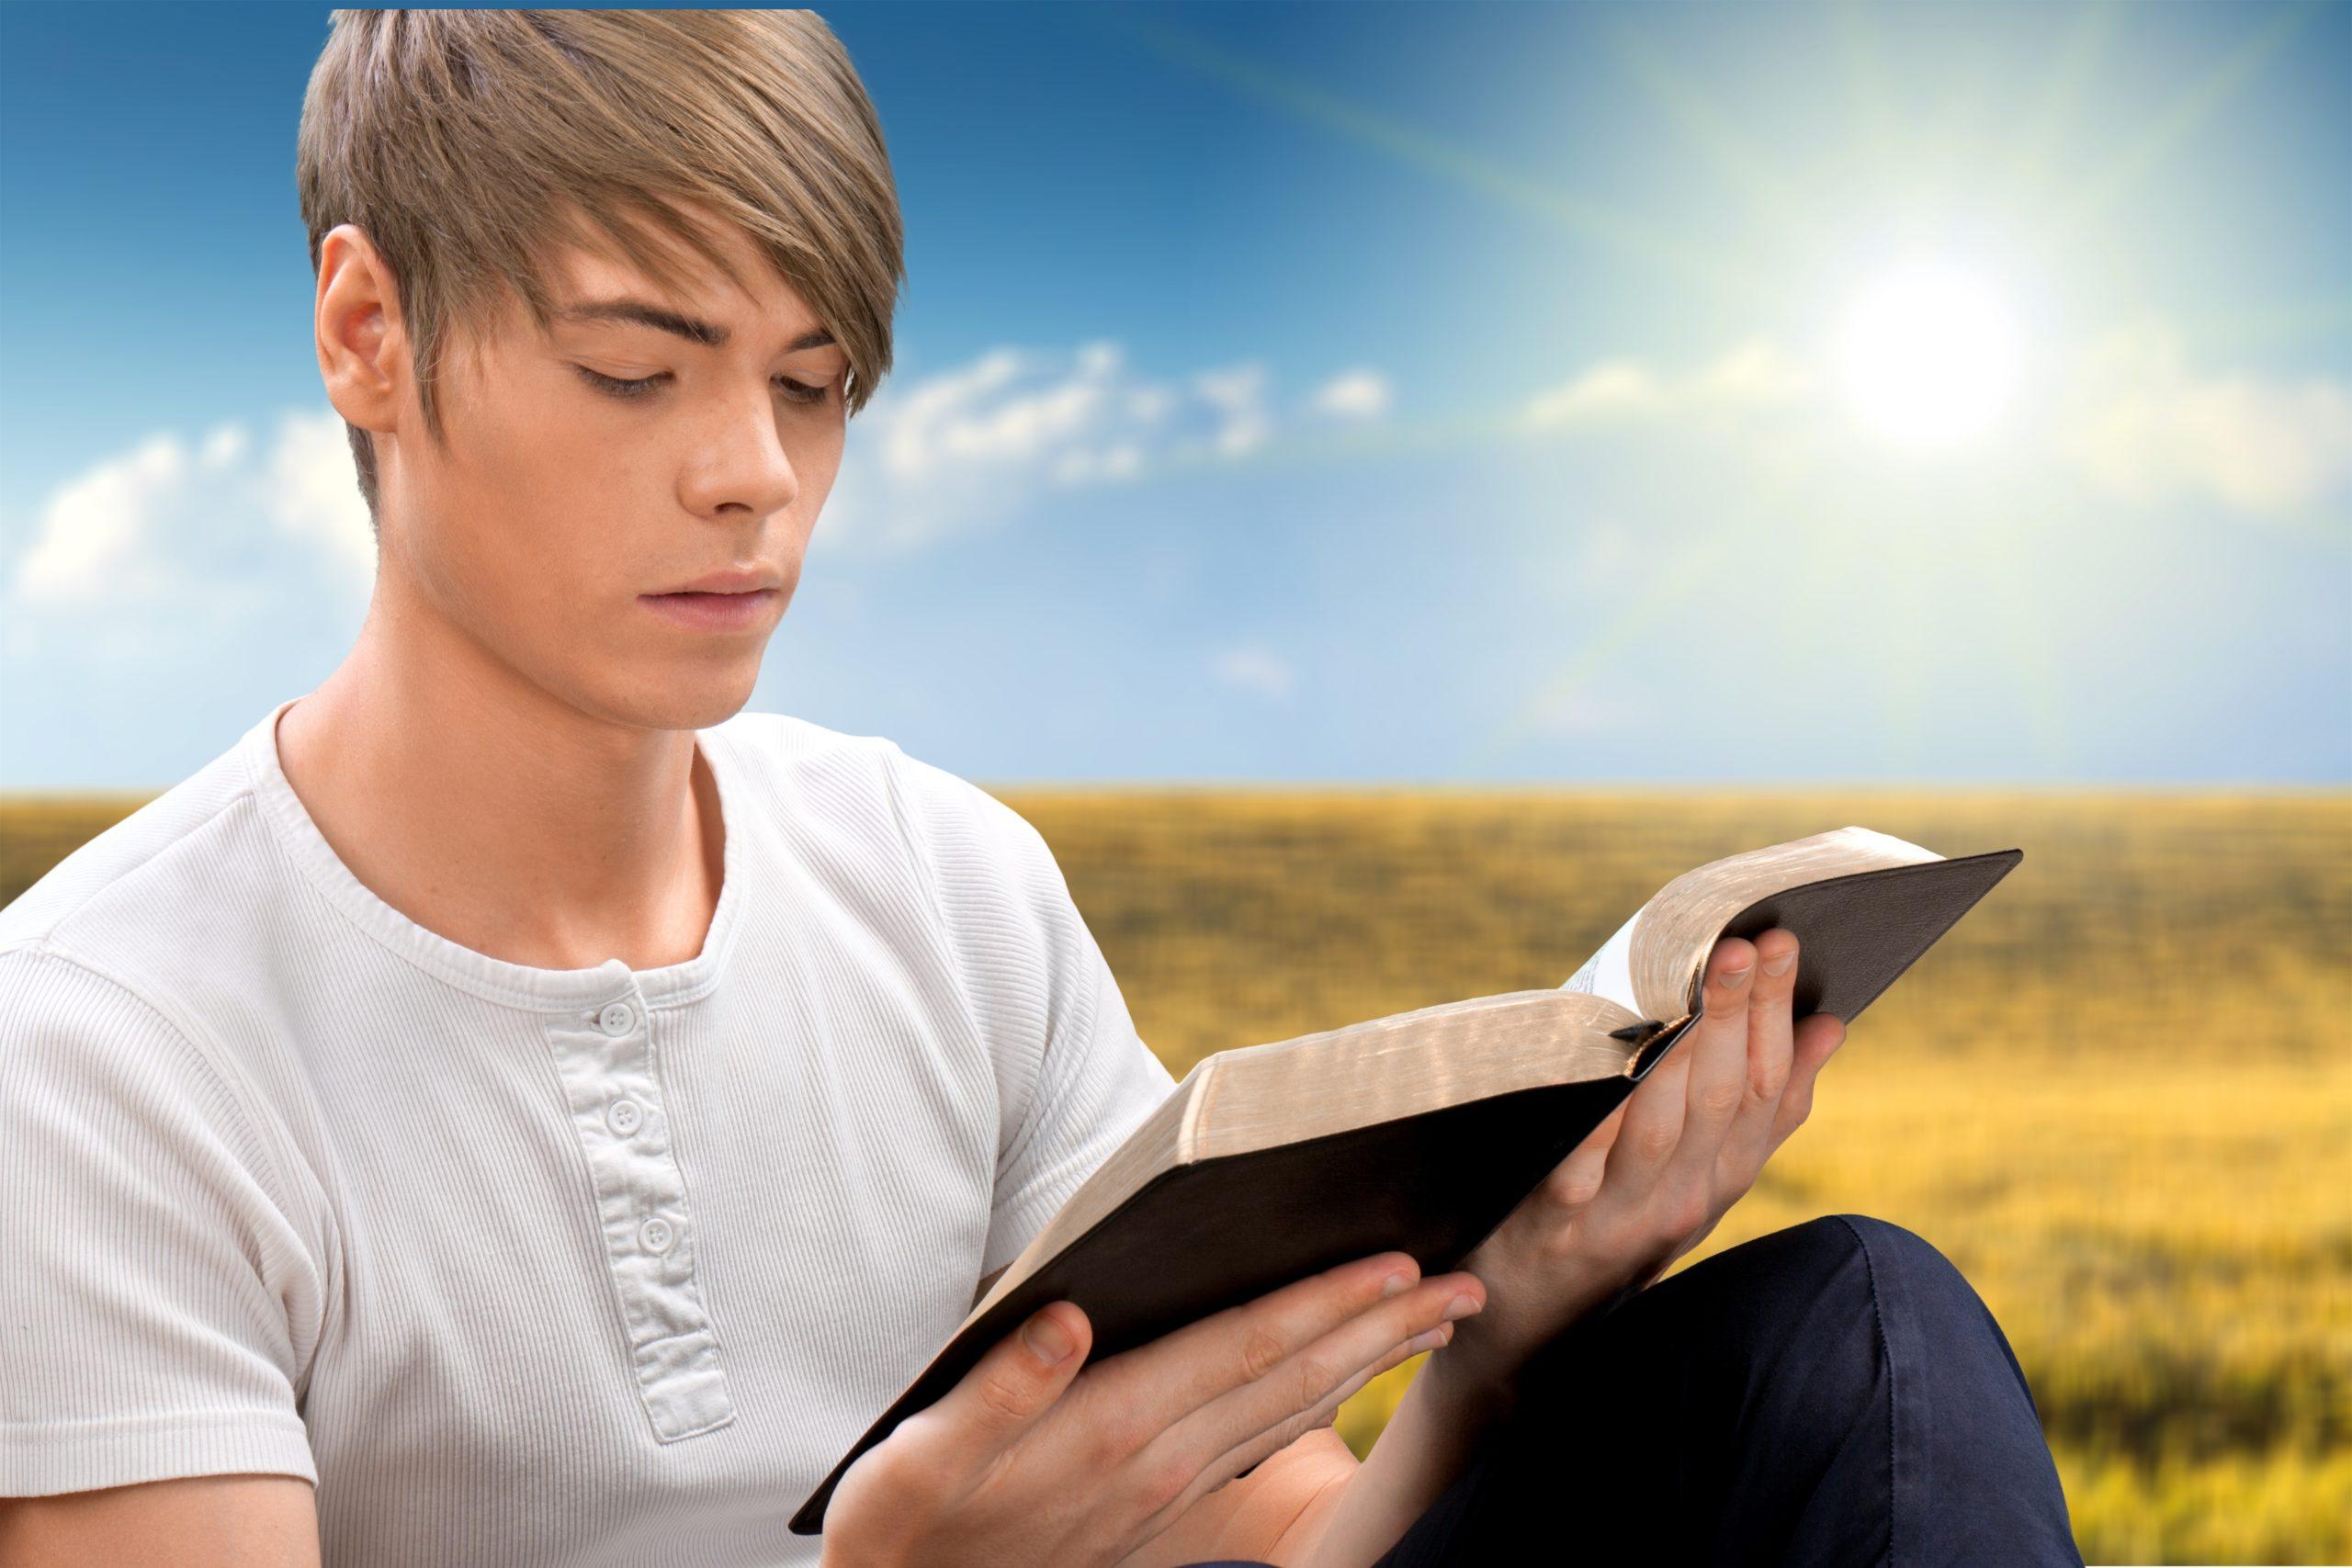 """""""Heureux l'homme qui est continuellement dans la crainte! Mais celui qui endurcit son coeur tombe dans le malheur."""" (Proverbes 28:14)"""